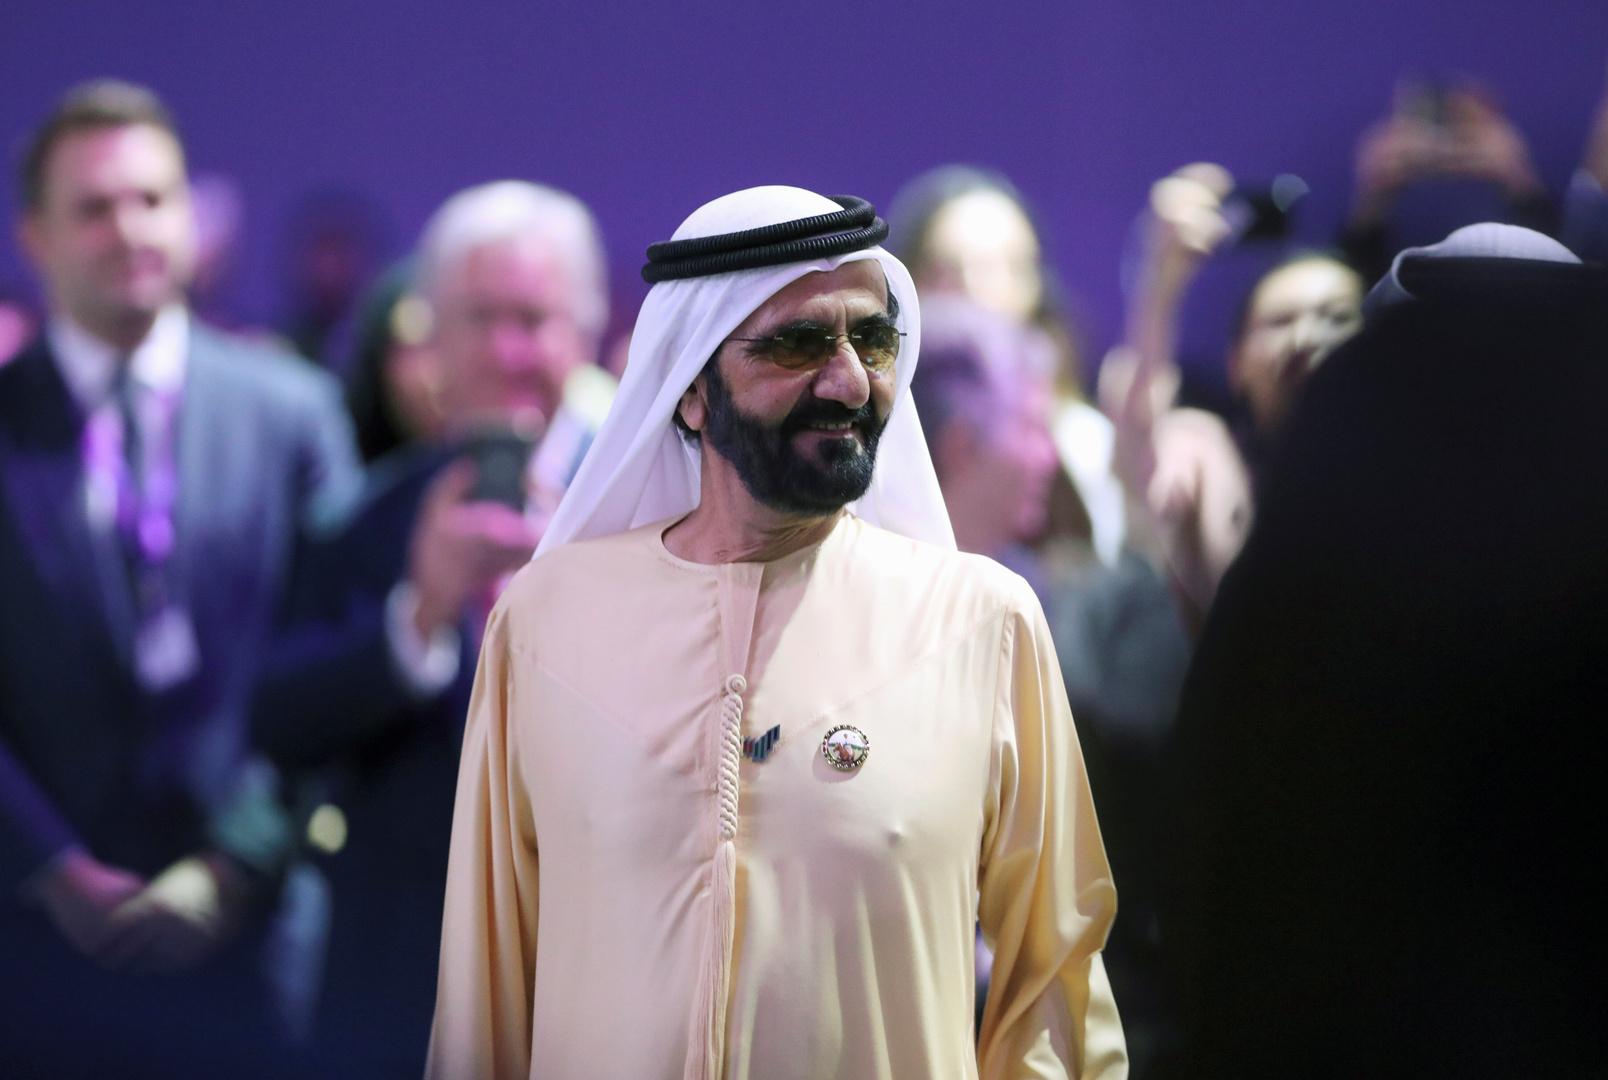 محمد بن راشد آل مكتوم، رئيس مجلس الوزراء الإماراتي، حاكم دبي